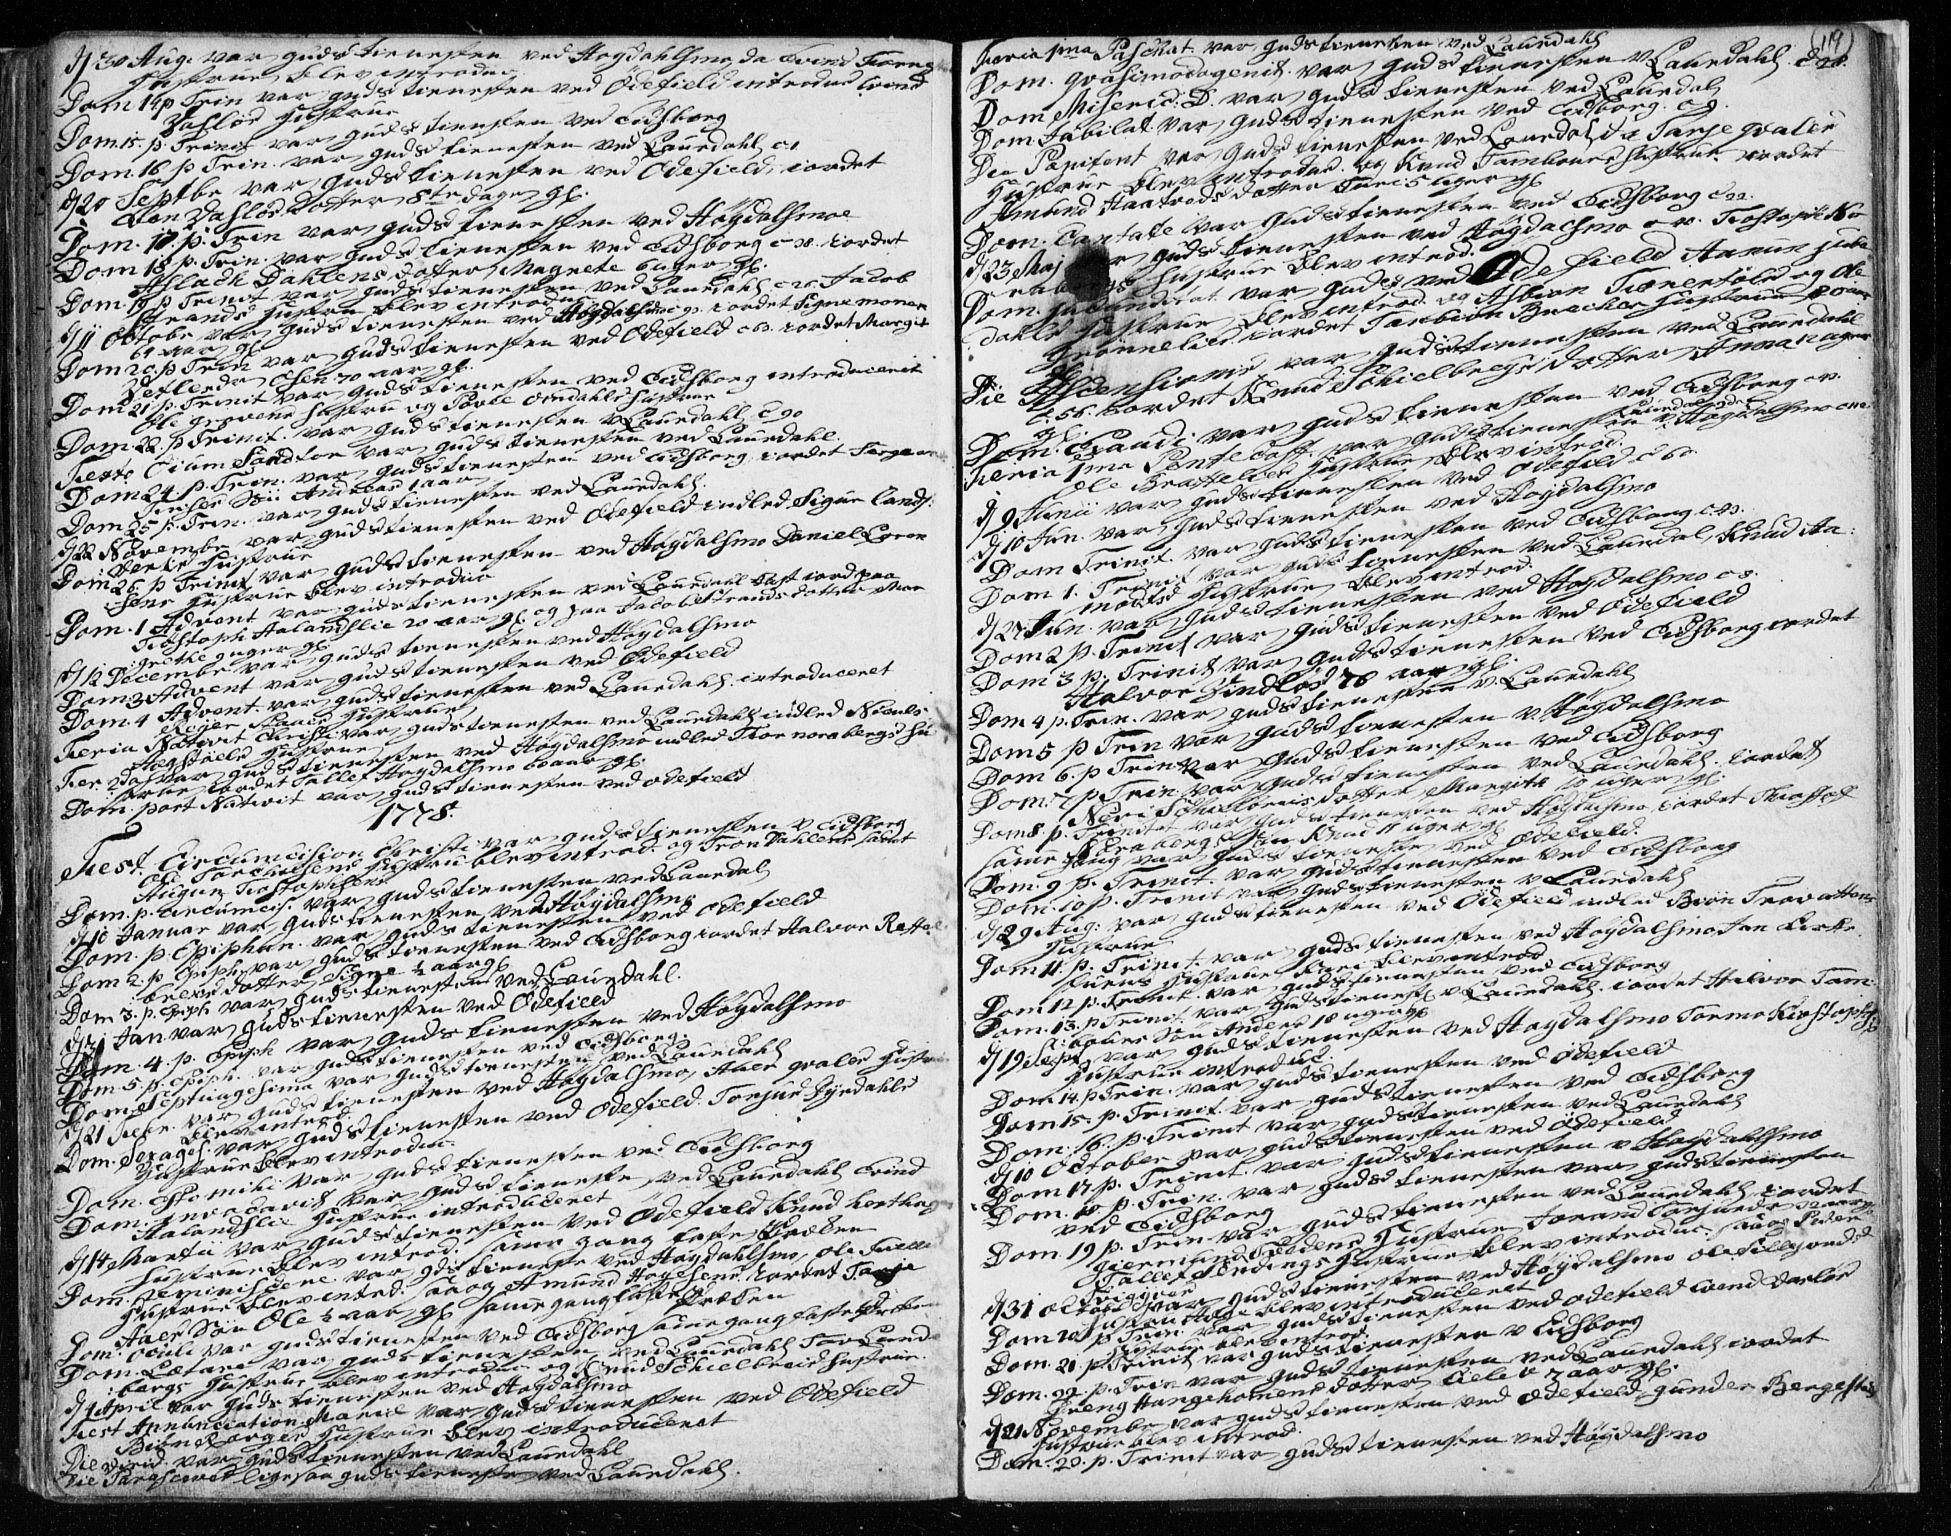 SAKO, Lårdal kirkebøker, F/Fa/L0003: Ministerialbok nr. I 3, 1754-1790, s. 119